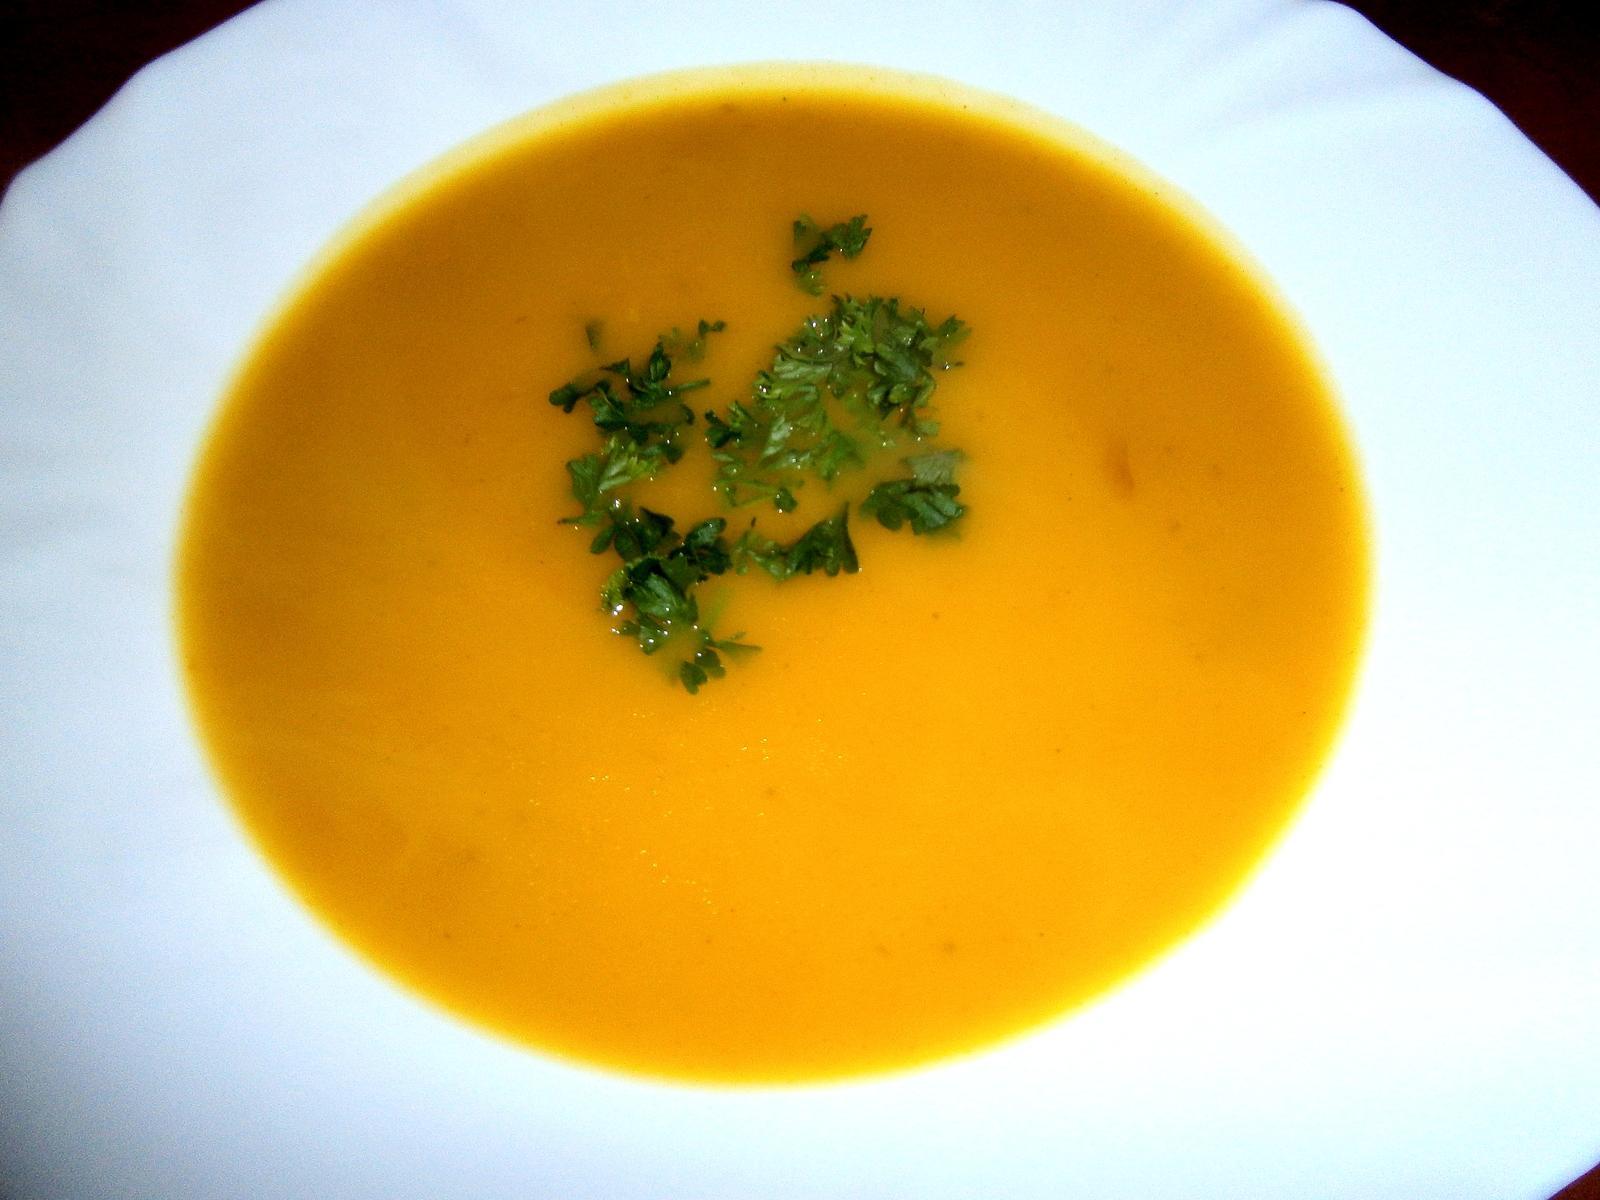 Hokus pokus v kuchyni - krémová polévka z dýně Hokaido